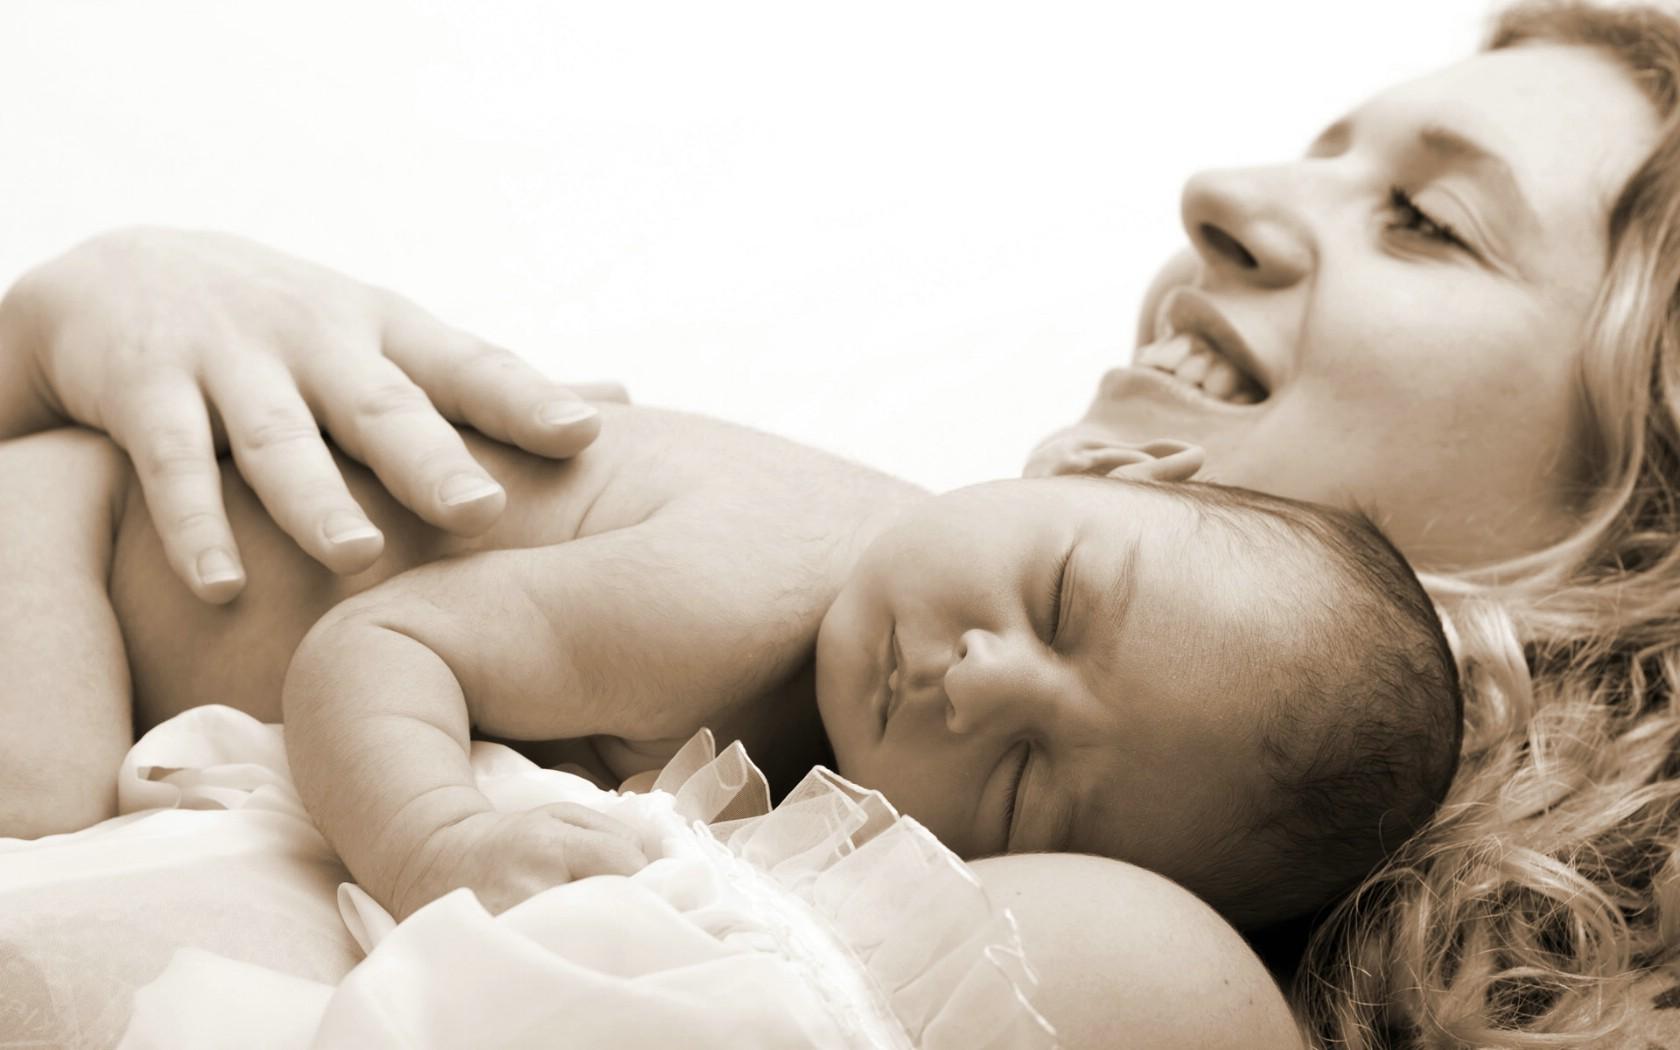 壁纸1680×1050人体艺术图片 婴儿 壁纸28壁纸,人体艺术 ...